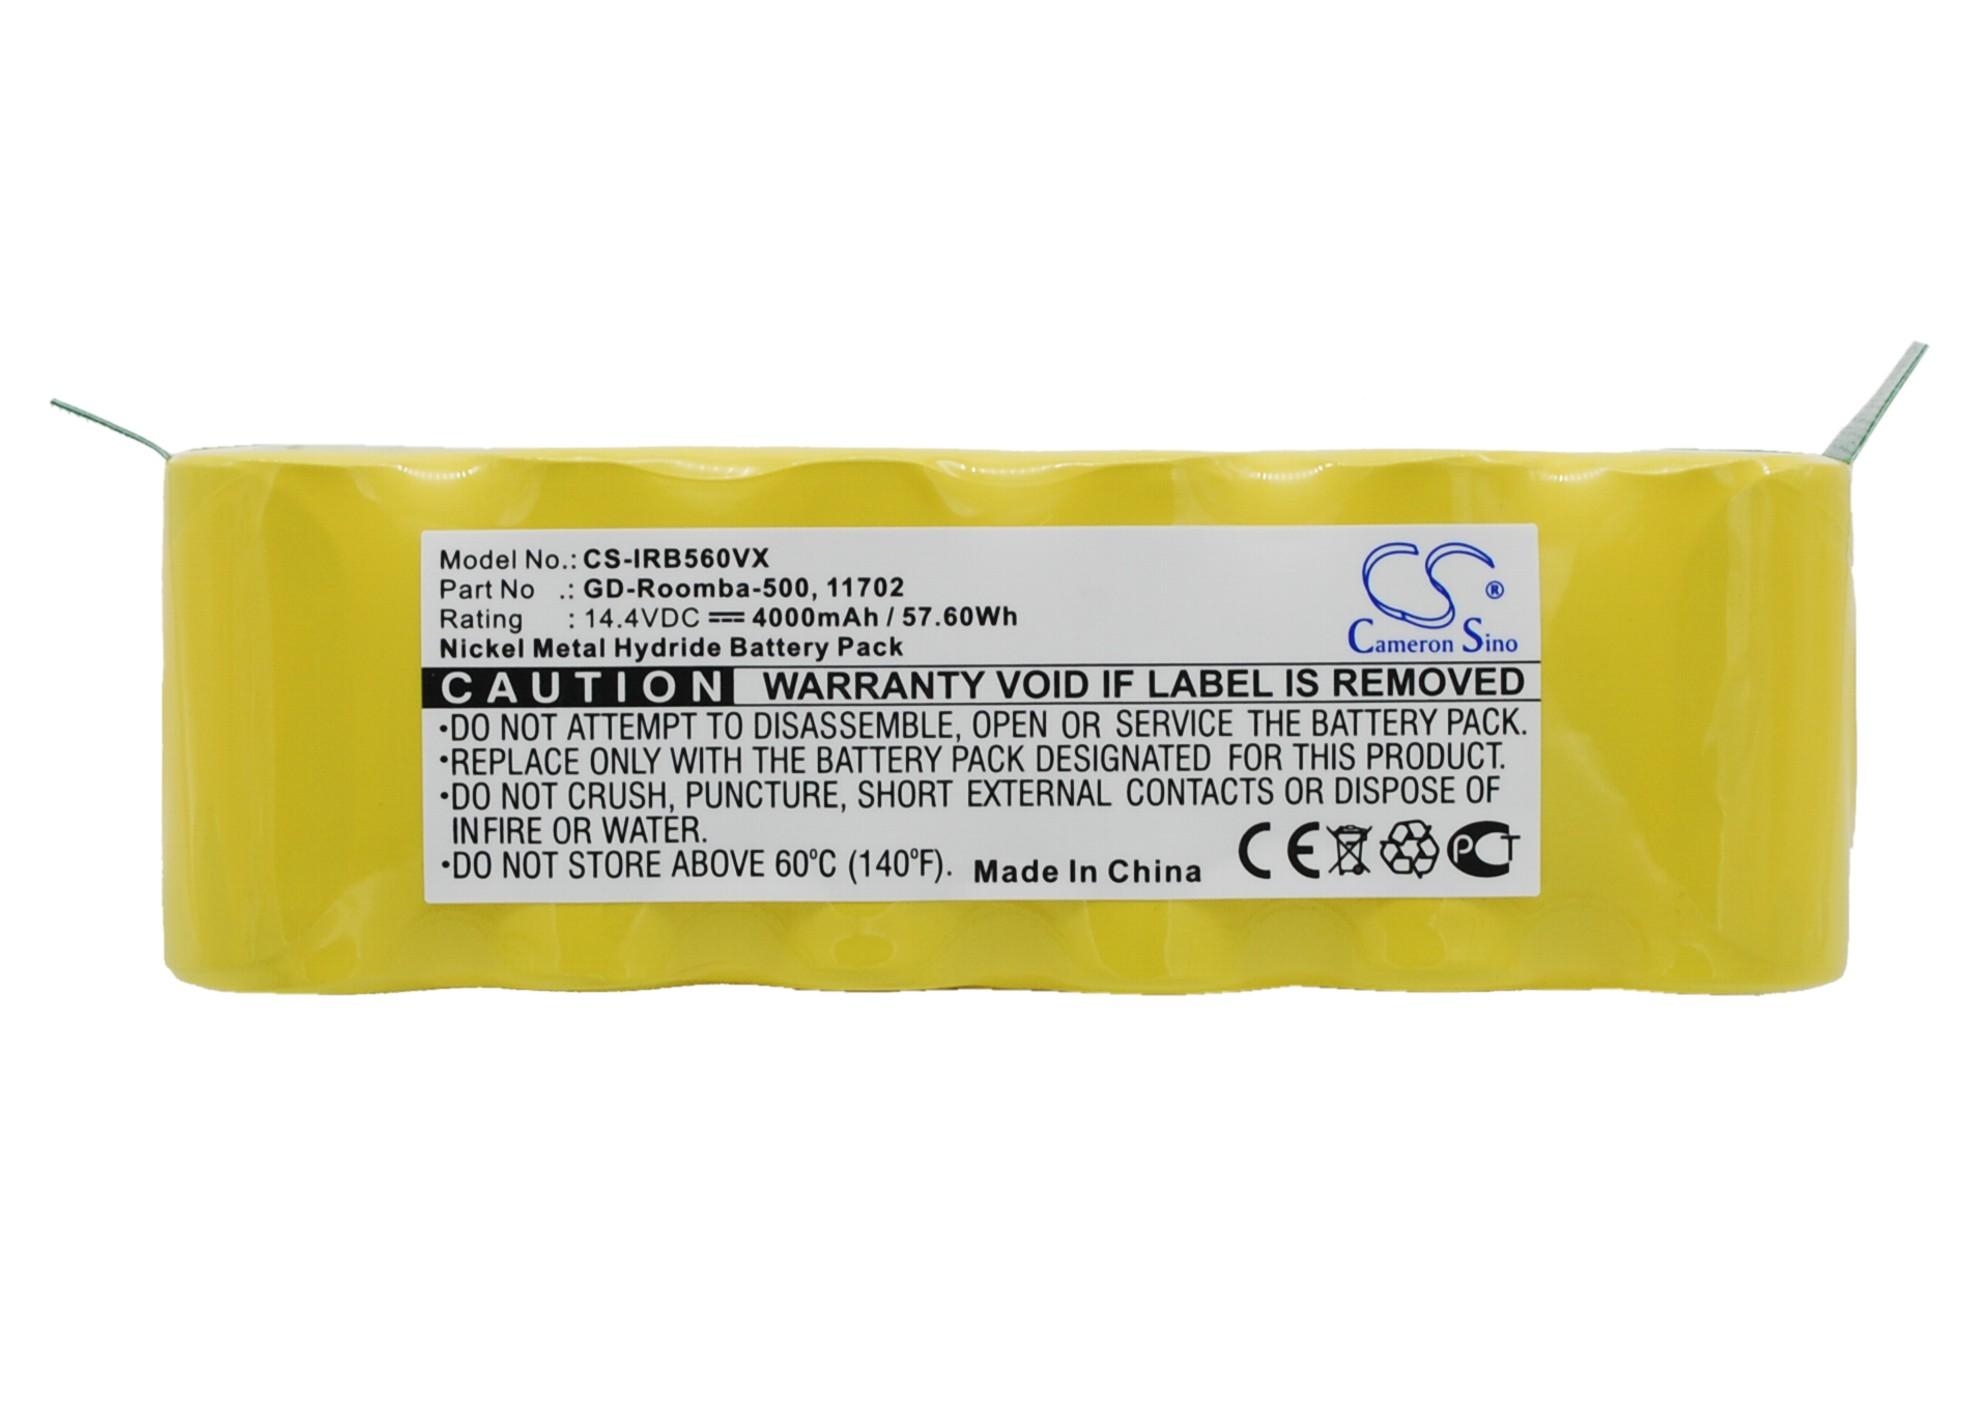 Cameron Sino baterie do vysavačů pro IROBOT Roomba 760 14.4V Ni-MH 4000mAh žlutá - neoriginální